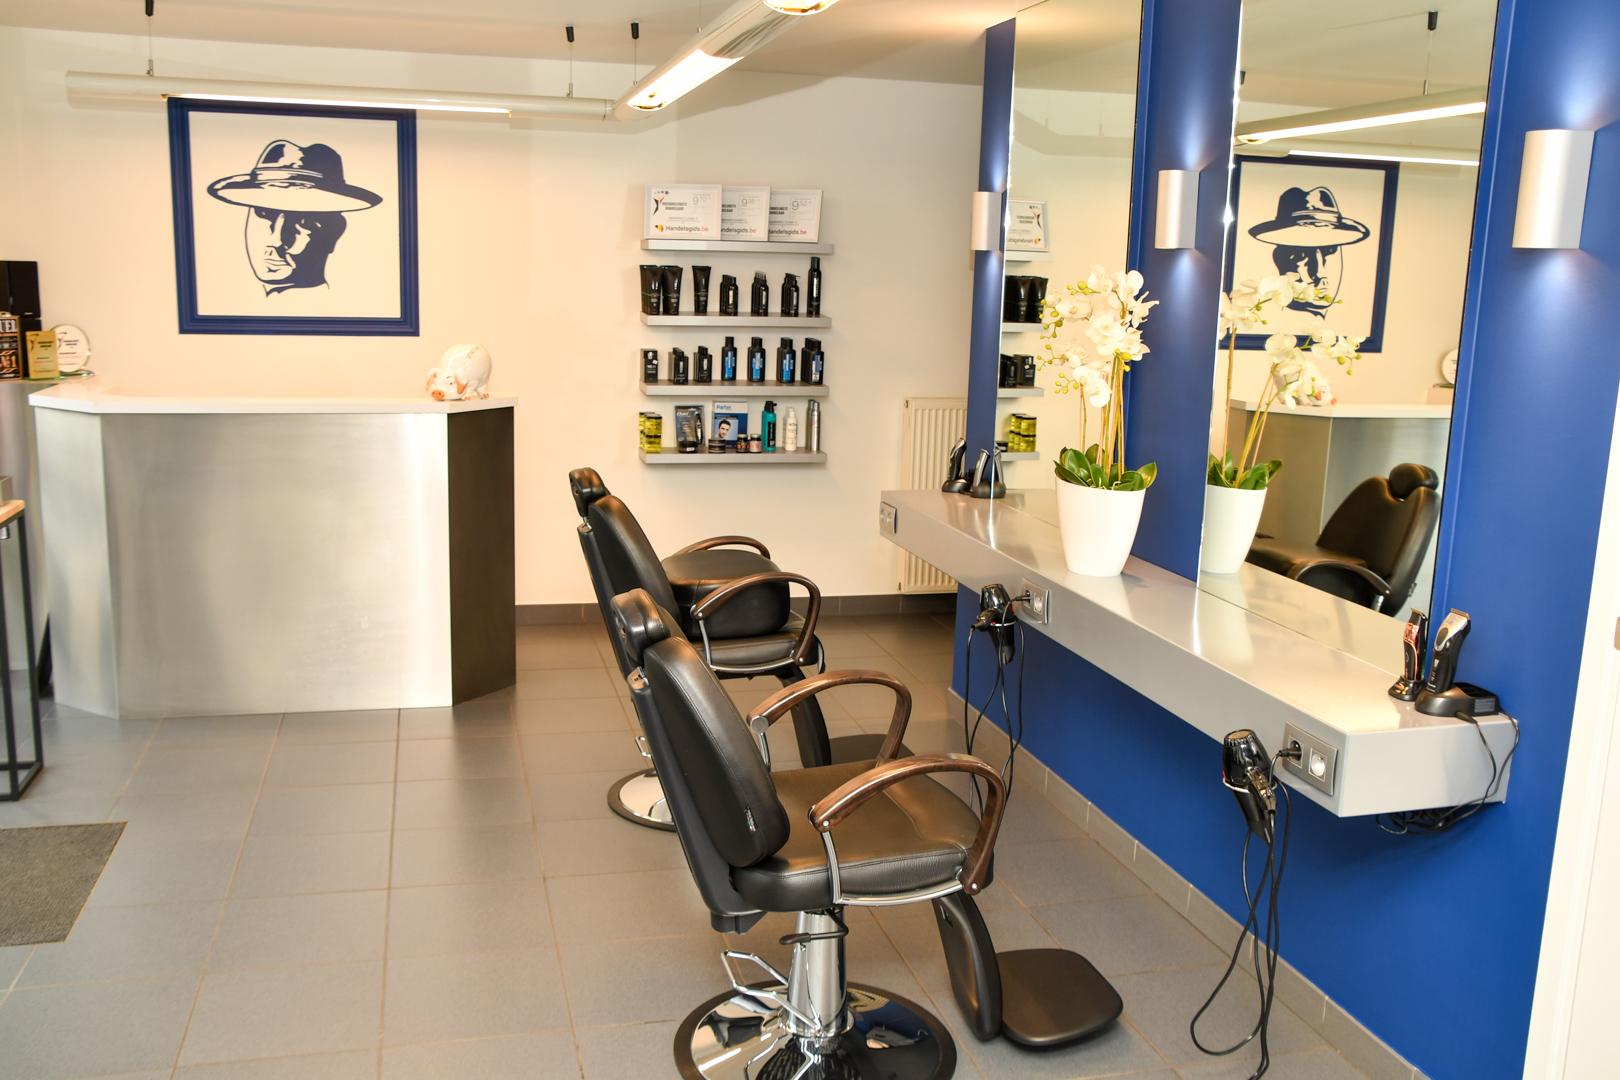 Interieur Hairstudio Classic's